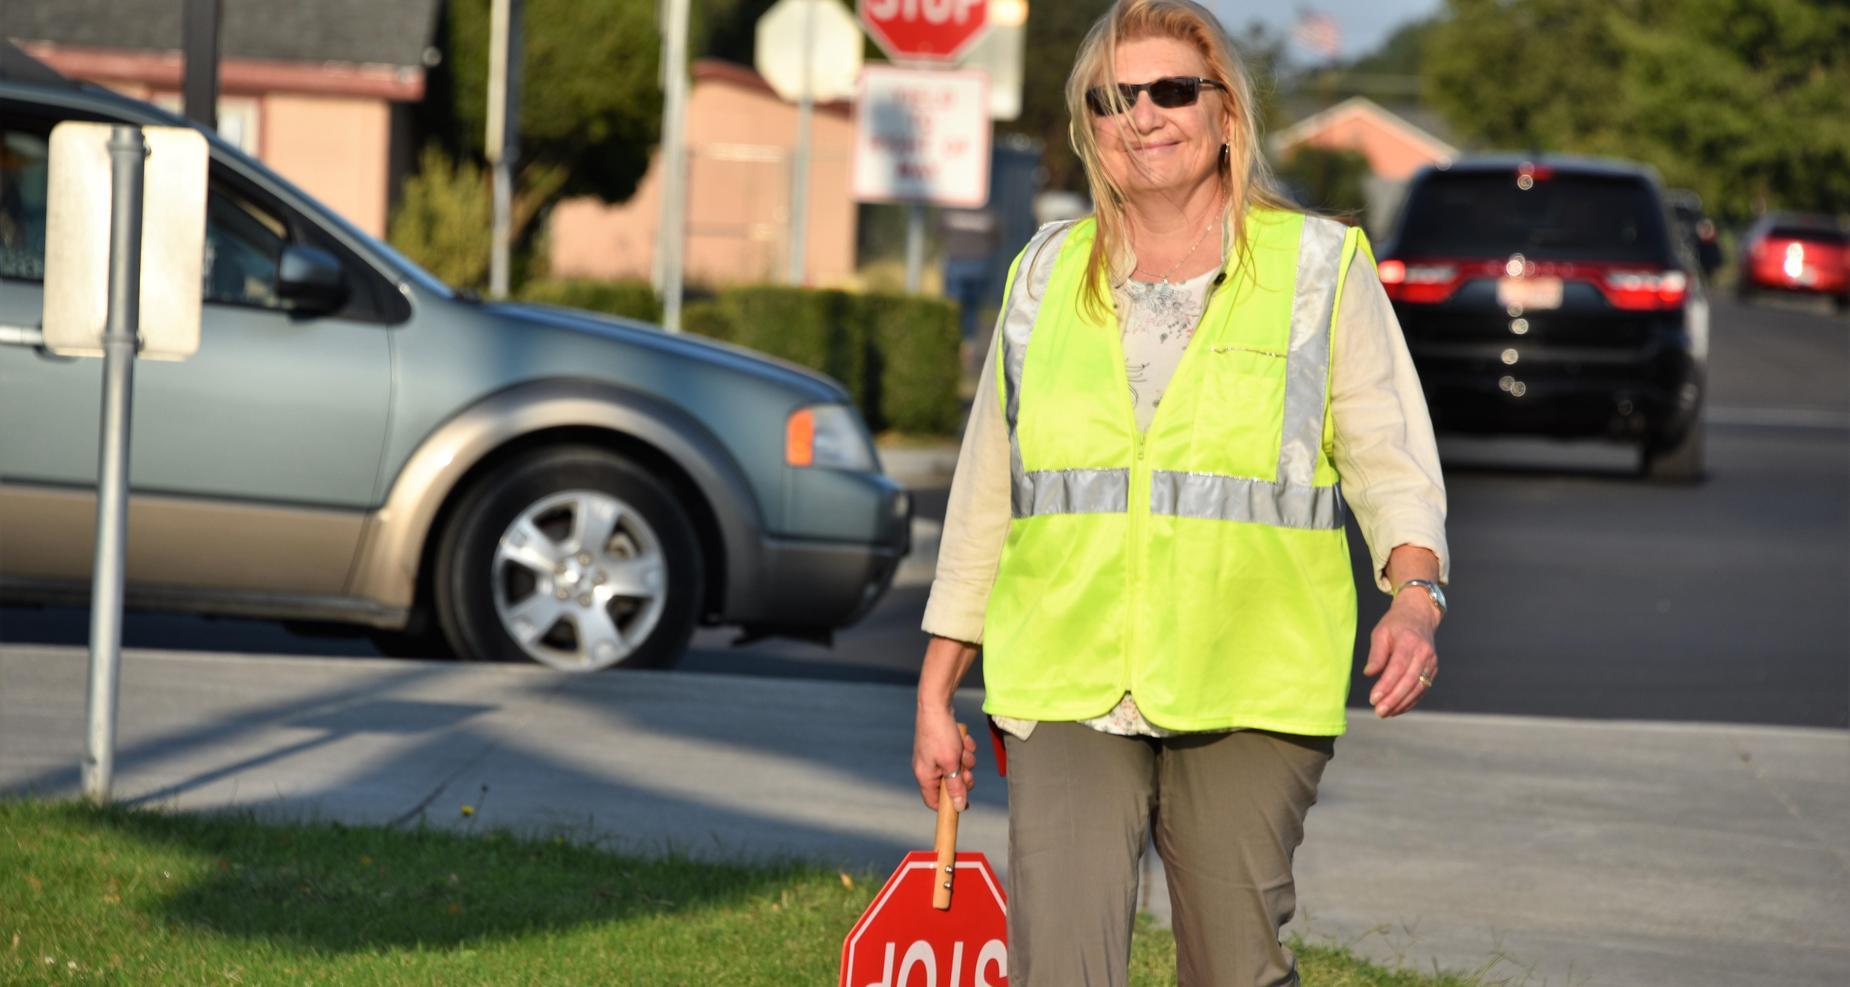 Crosswalk duty